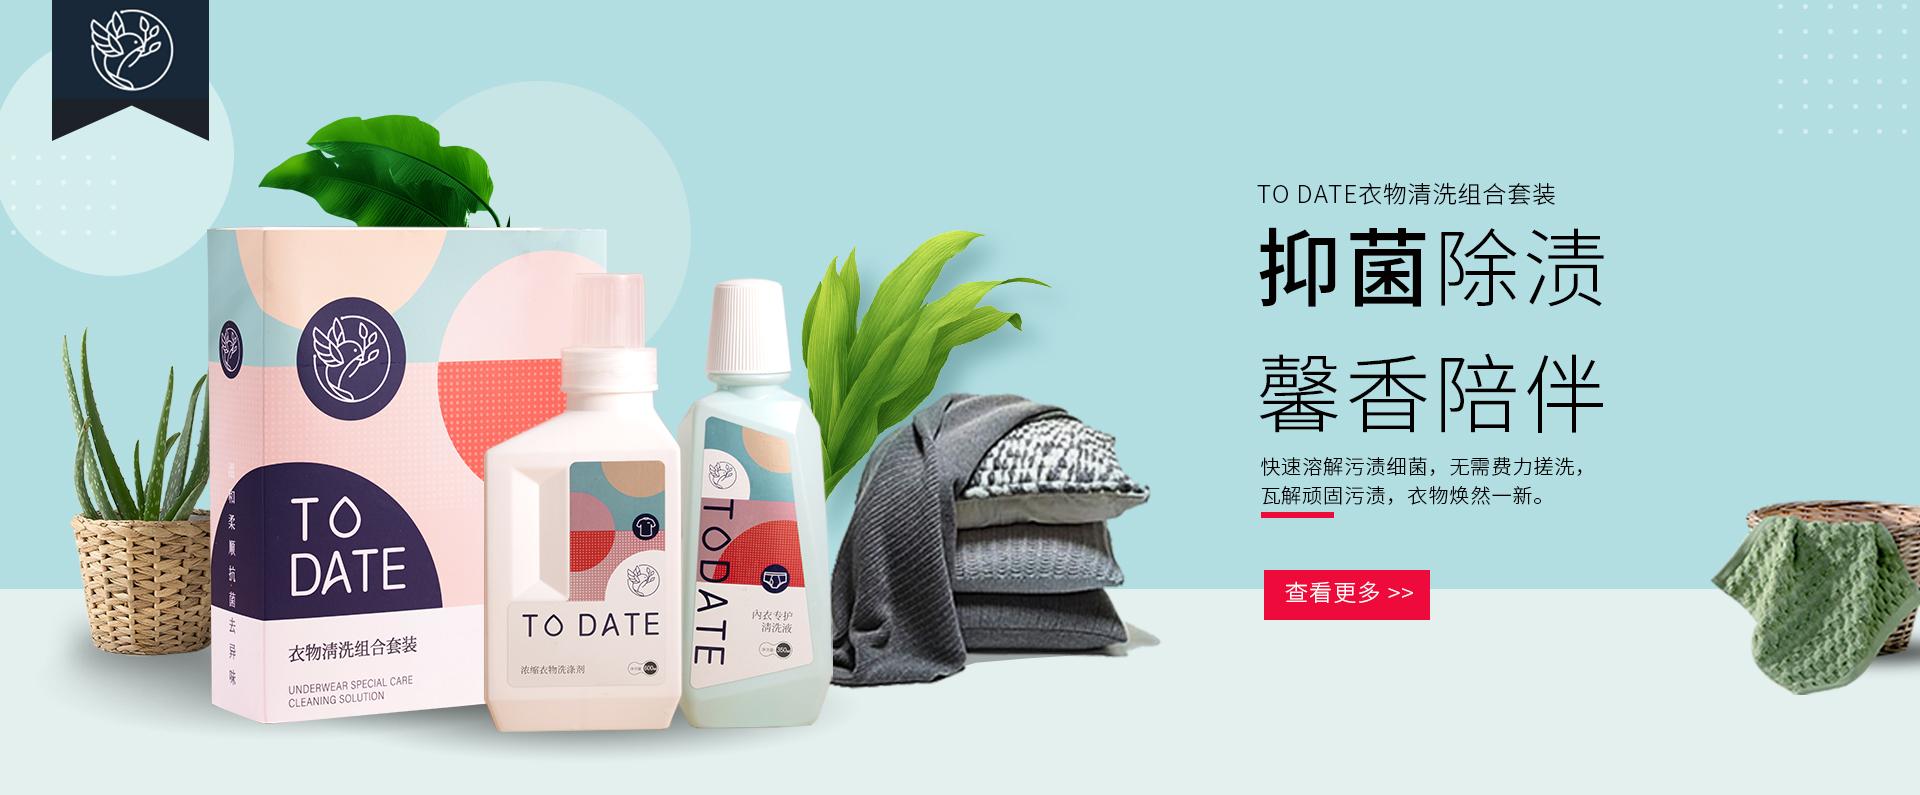 清洁膏品牌加盟